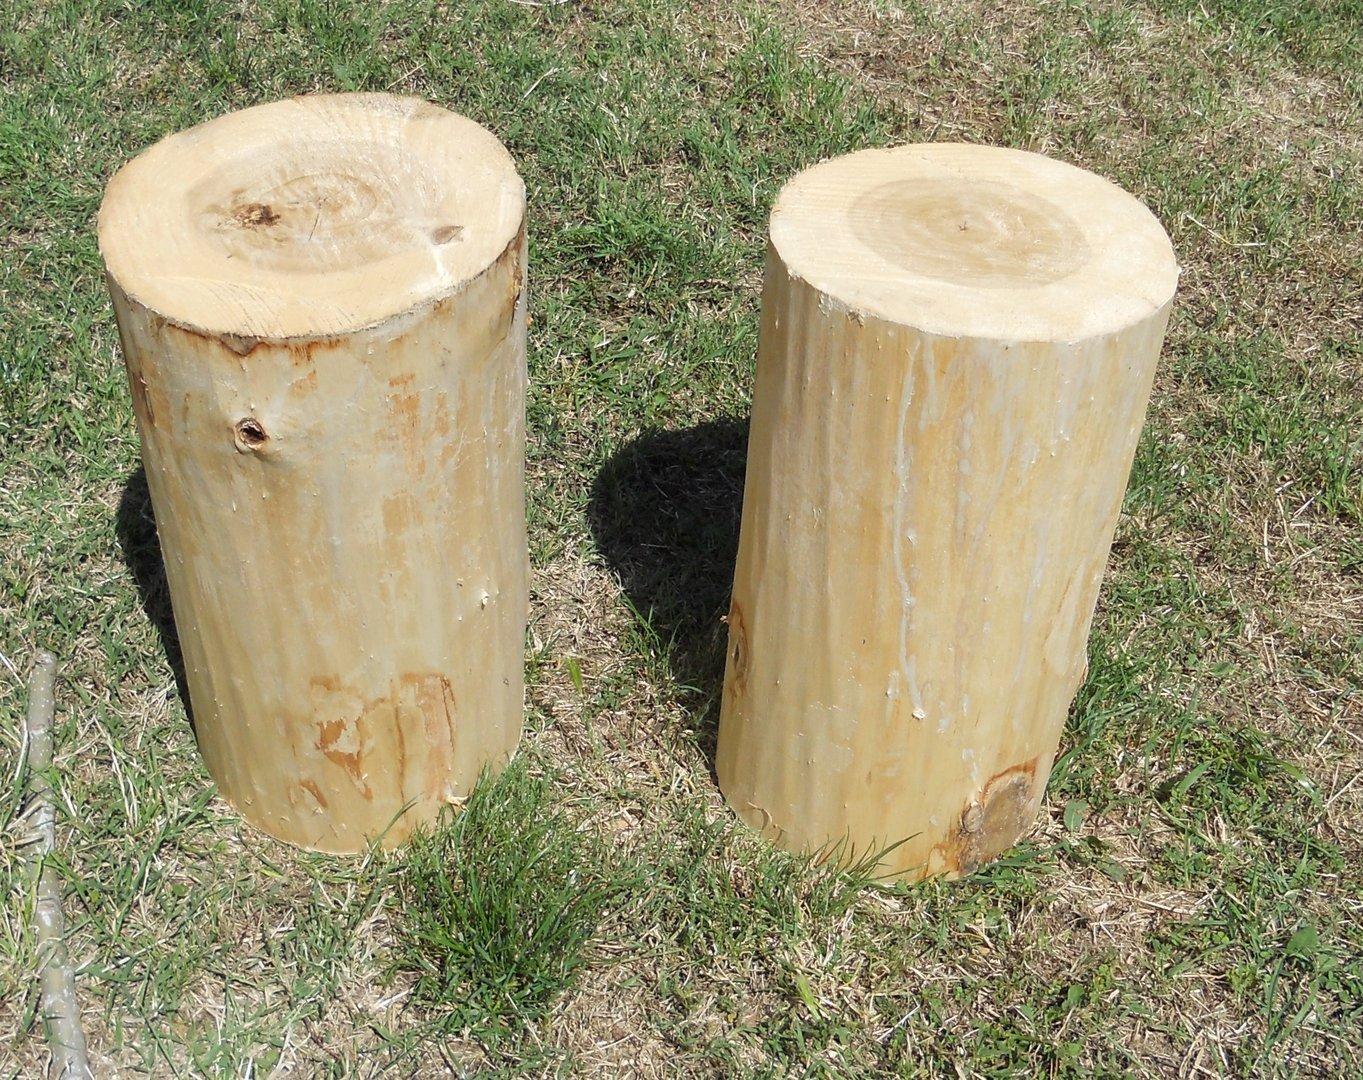 Tronco de madera sin corteza 25 x 50 gla de roure shop - Decoracion troncos madera ...